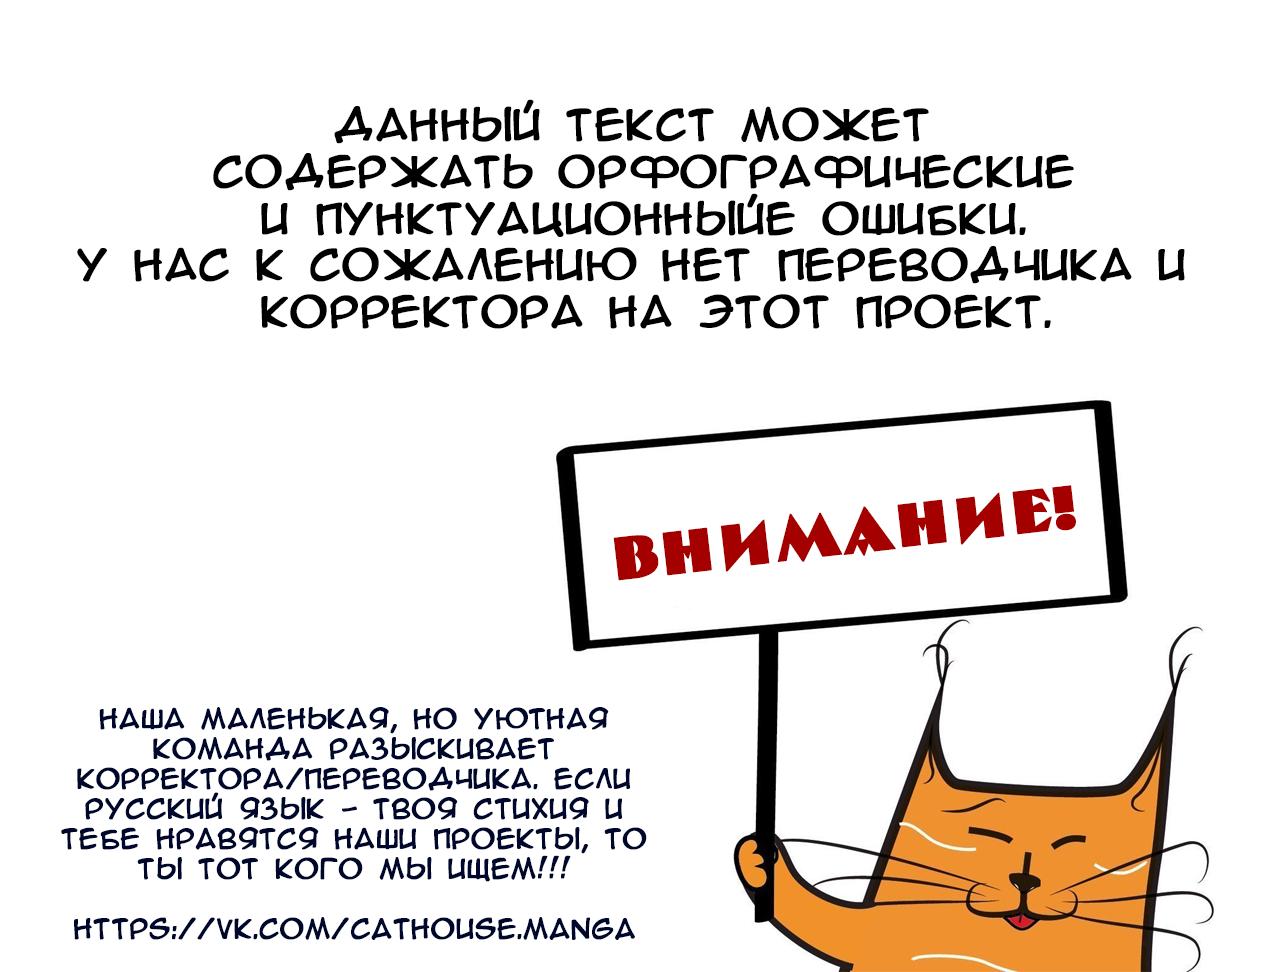 https://r1.ninemanga.com/comics/pic2/58/31802/416847/1533716825805.png Page 1